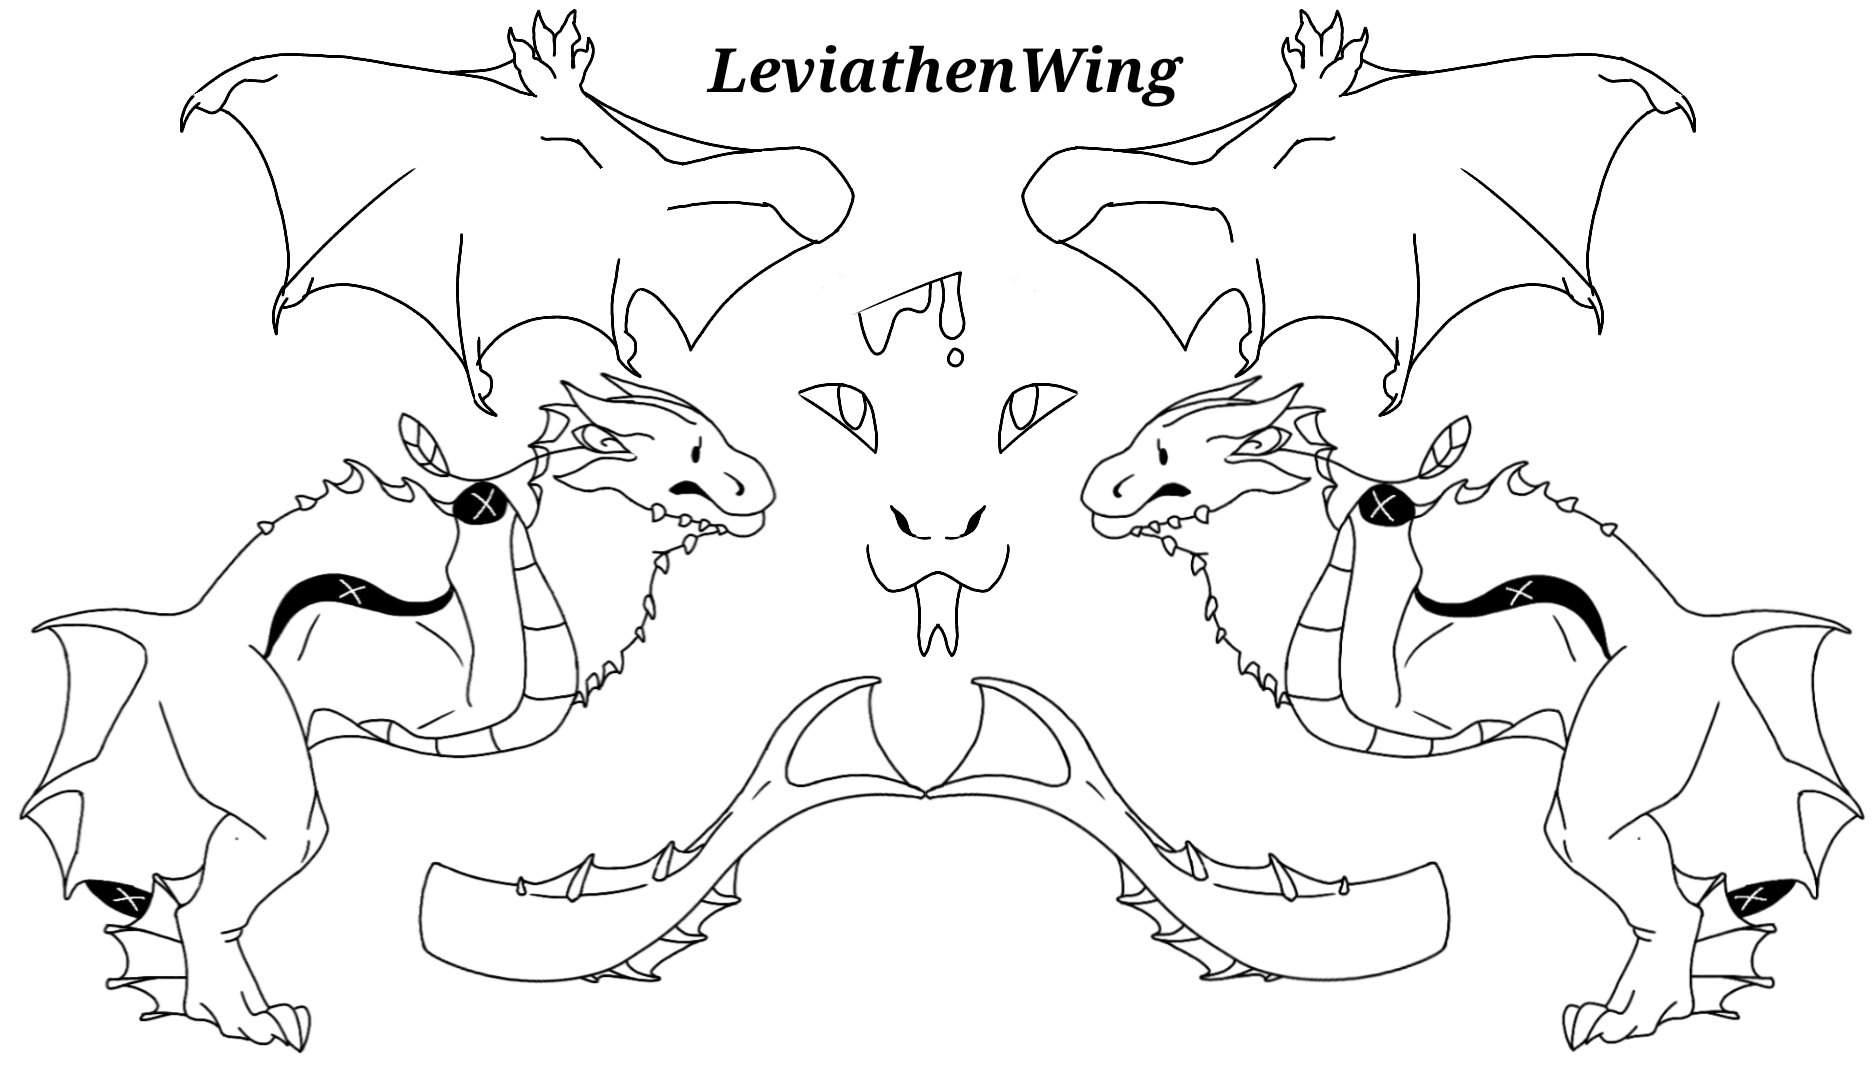 Leviathenwing